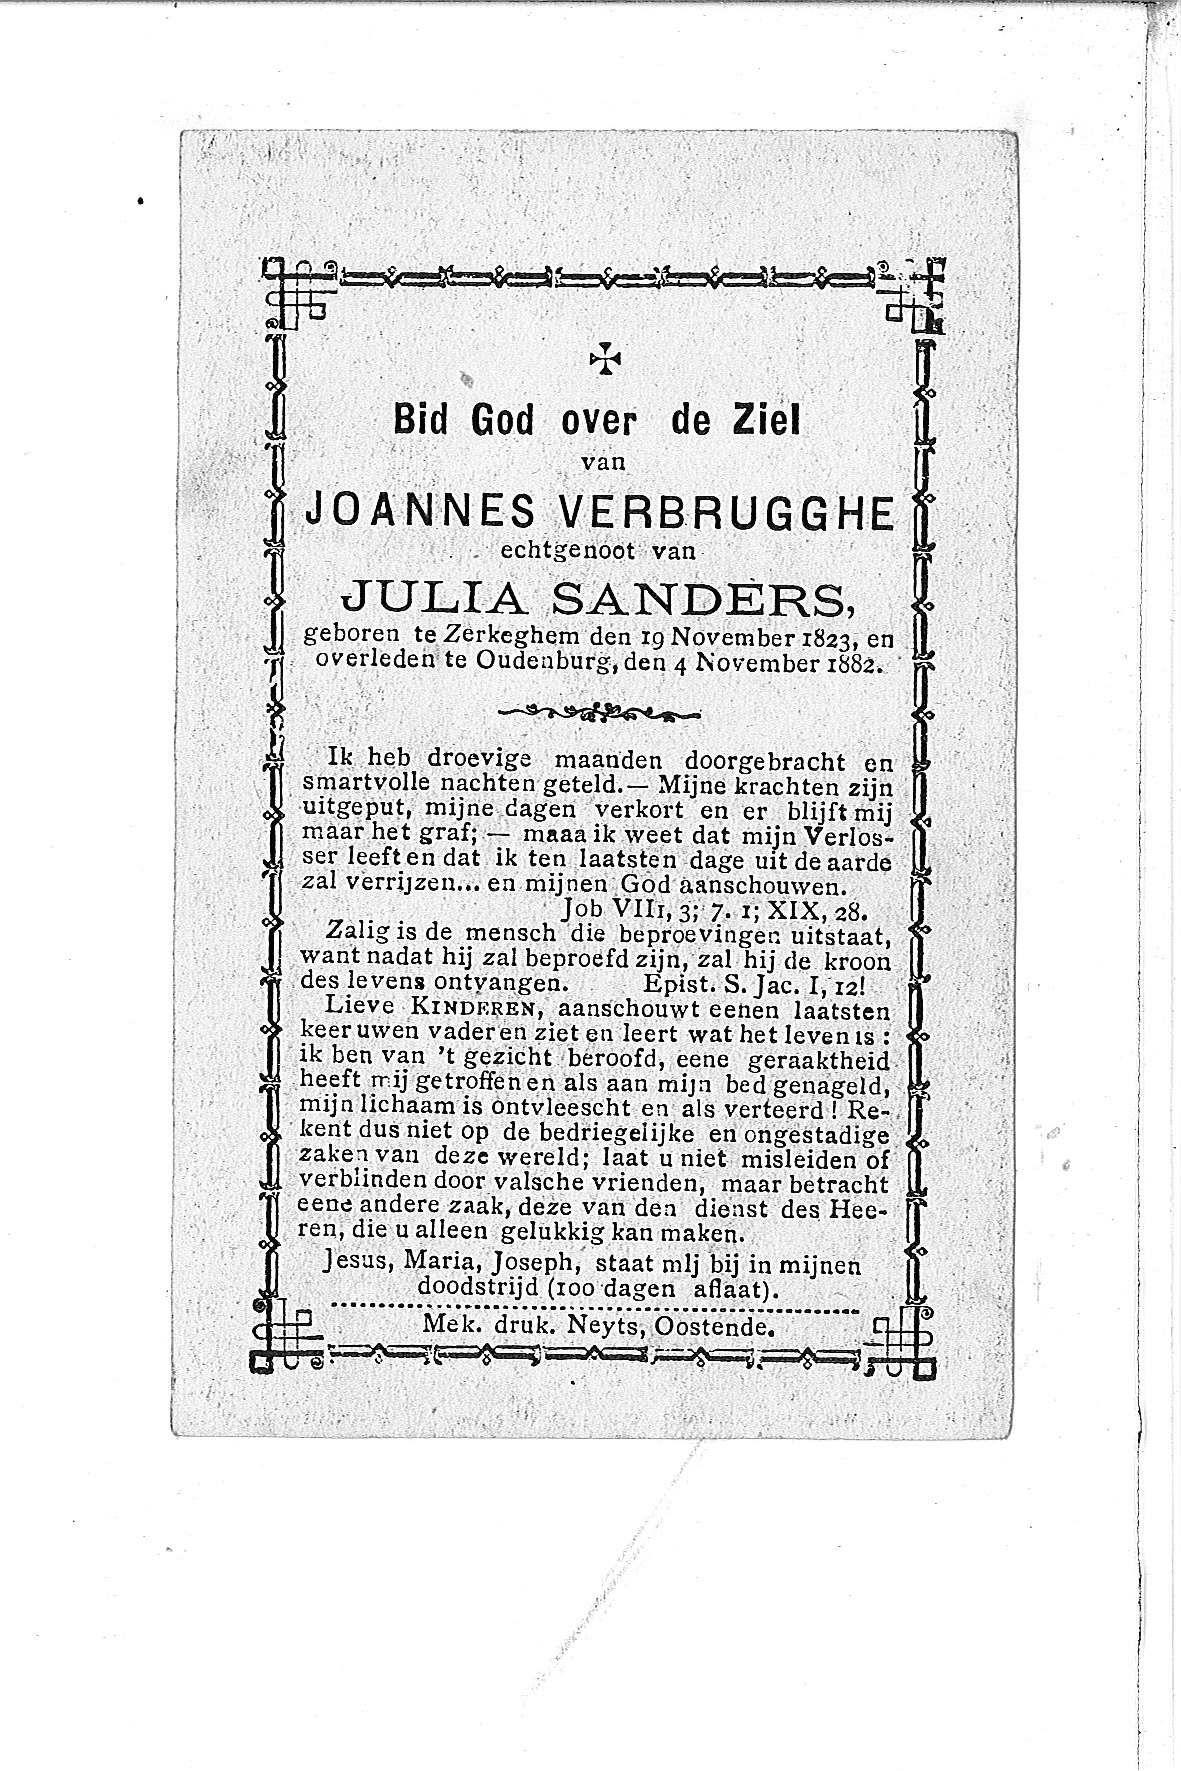 Joannes(1882)20100720095956_00002.jpg